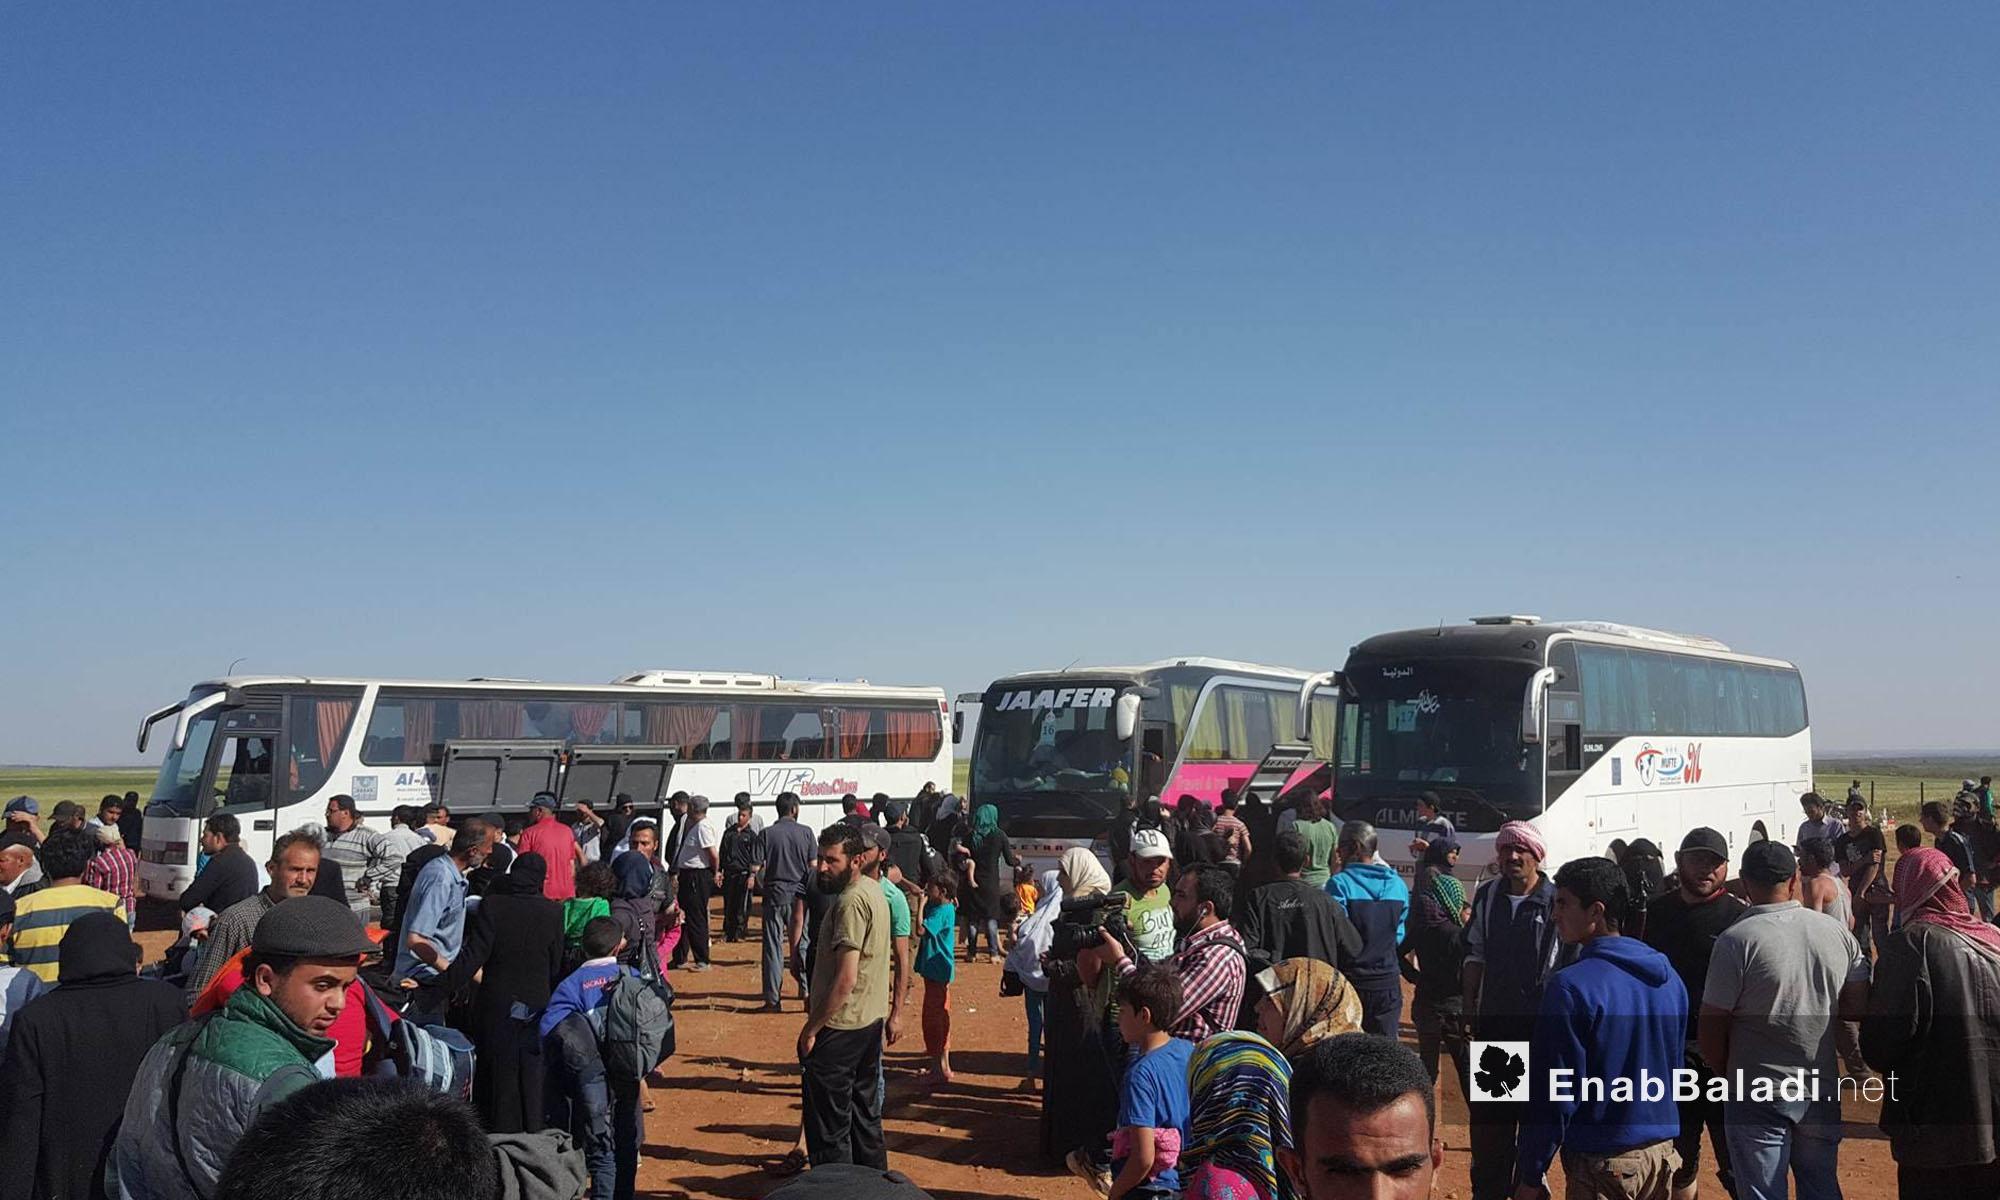 مهجرو حي الوعر يتجمعون حول حافلات نقلتهم إلى مدينة جرابلس شمال حلب - 25 نيسان 2017 (عنب بلدي)